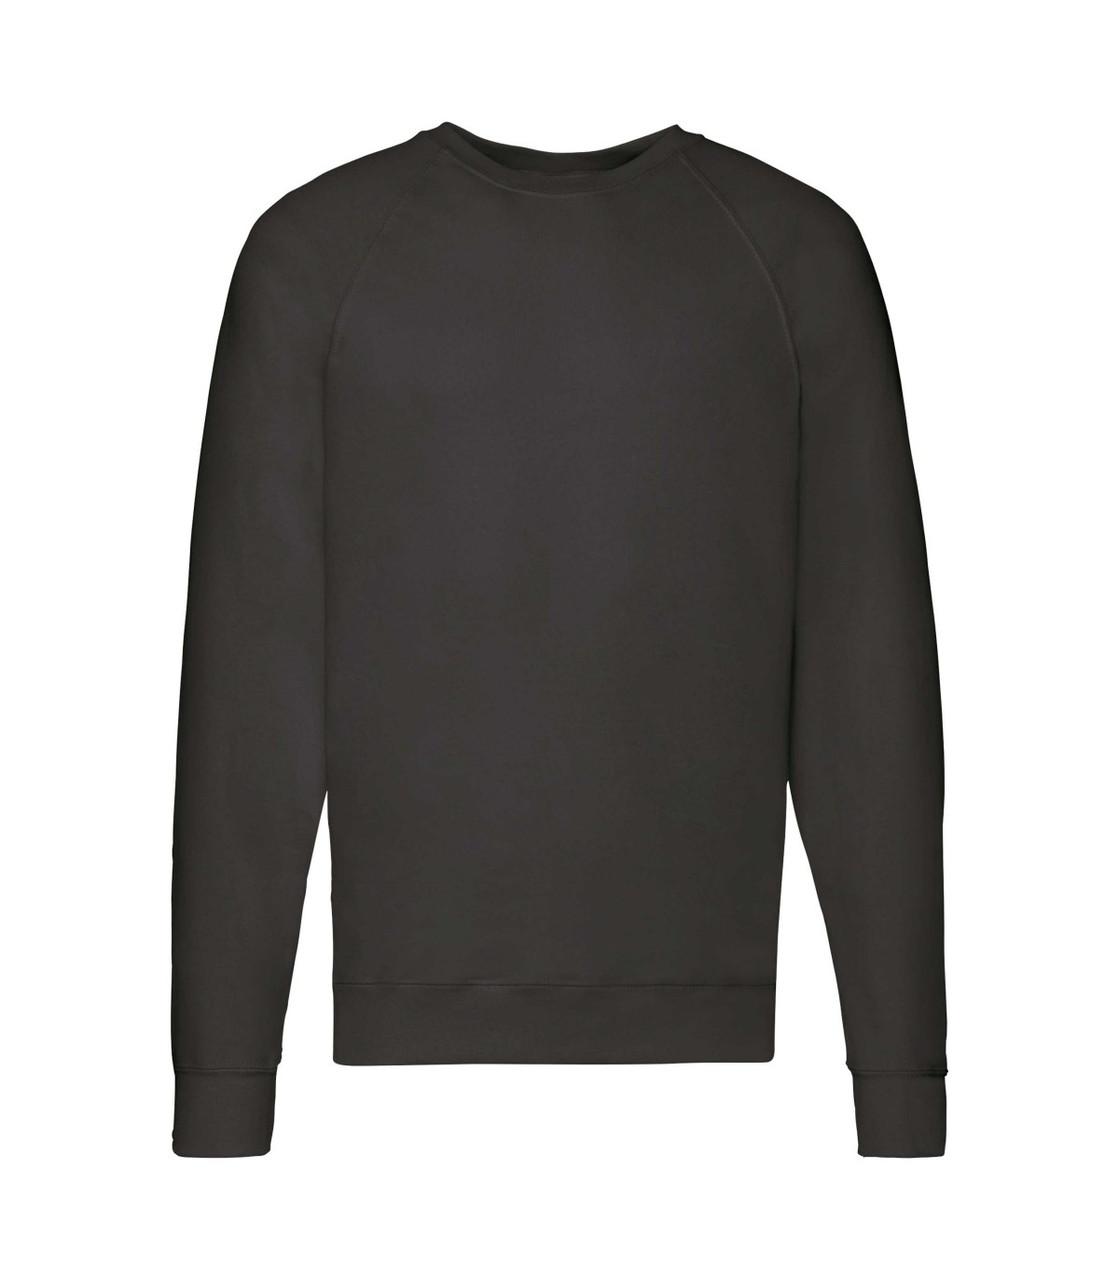 Мужской свитшот легкий черный 138-36